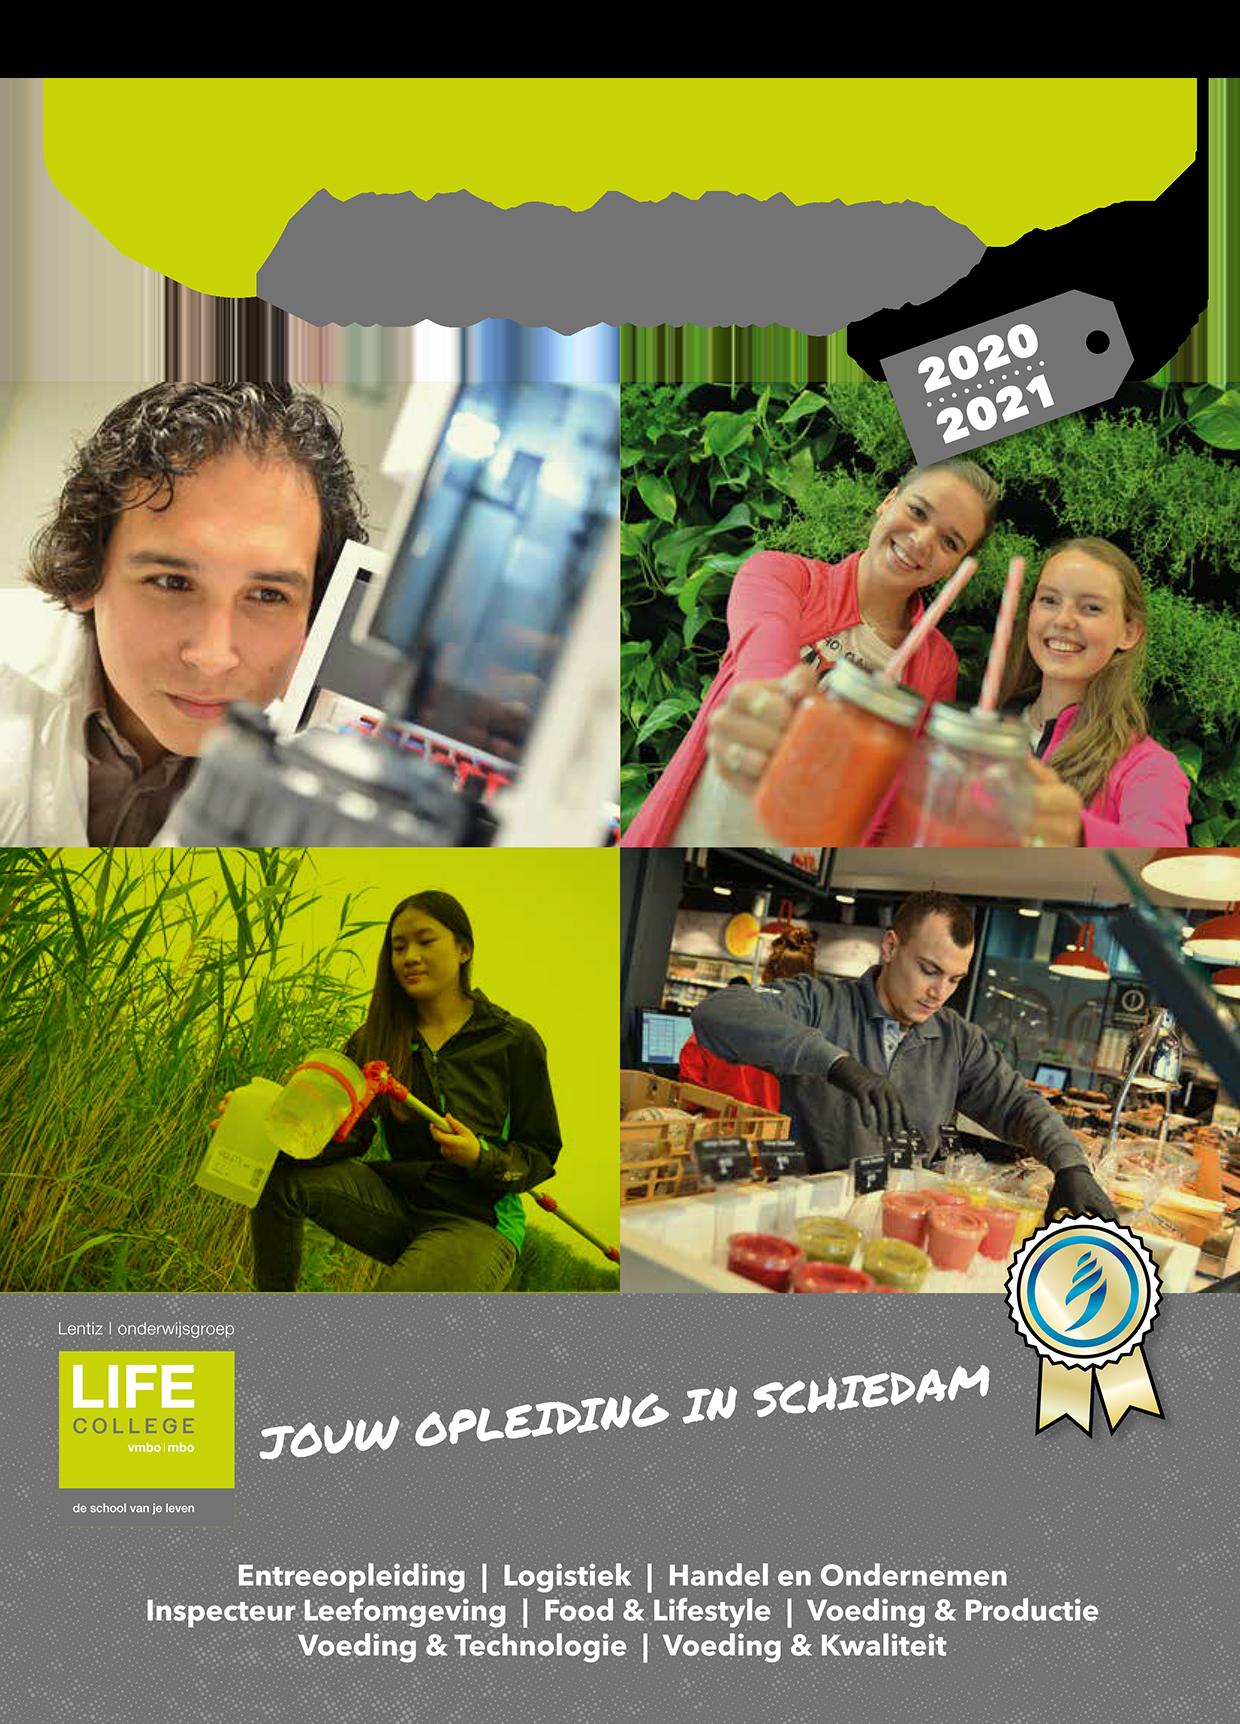 voorkant brochure Lentiz | MBO LIFE College